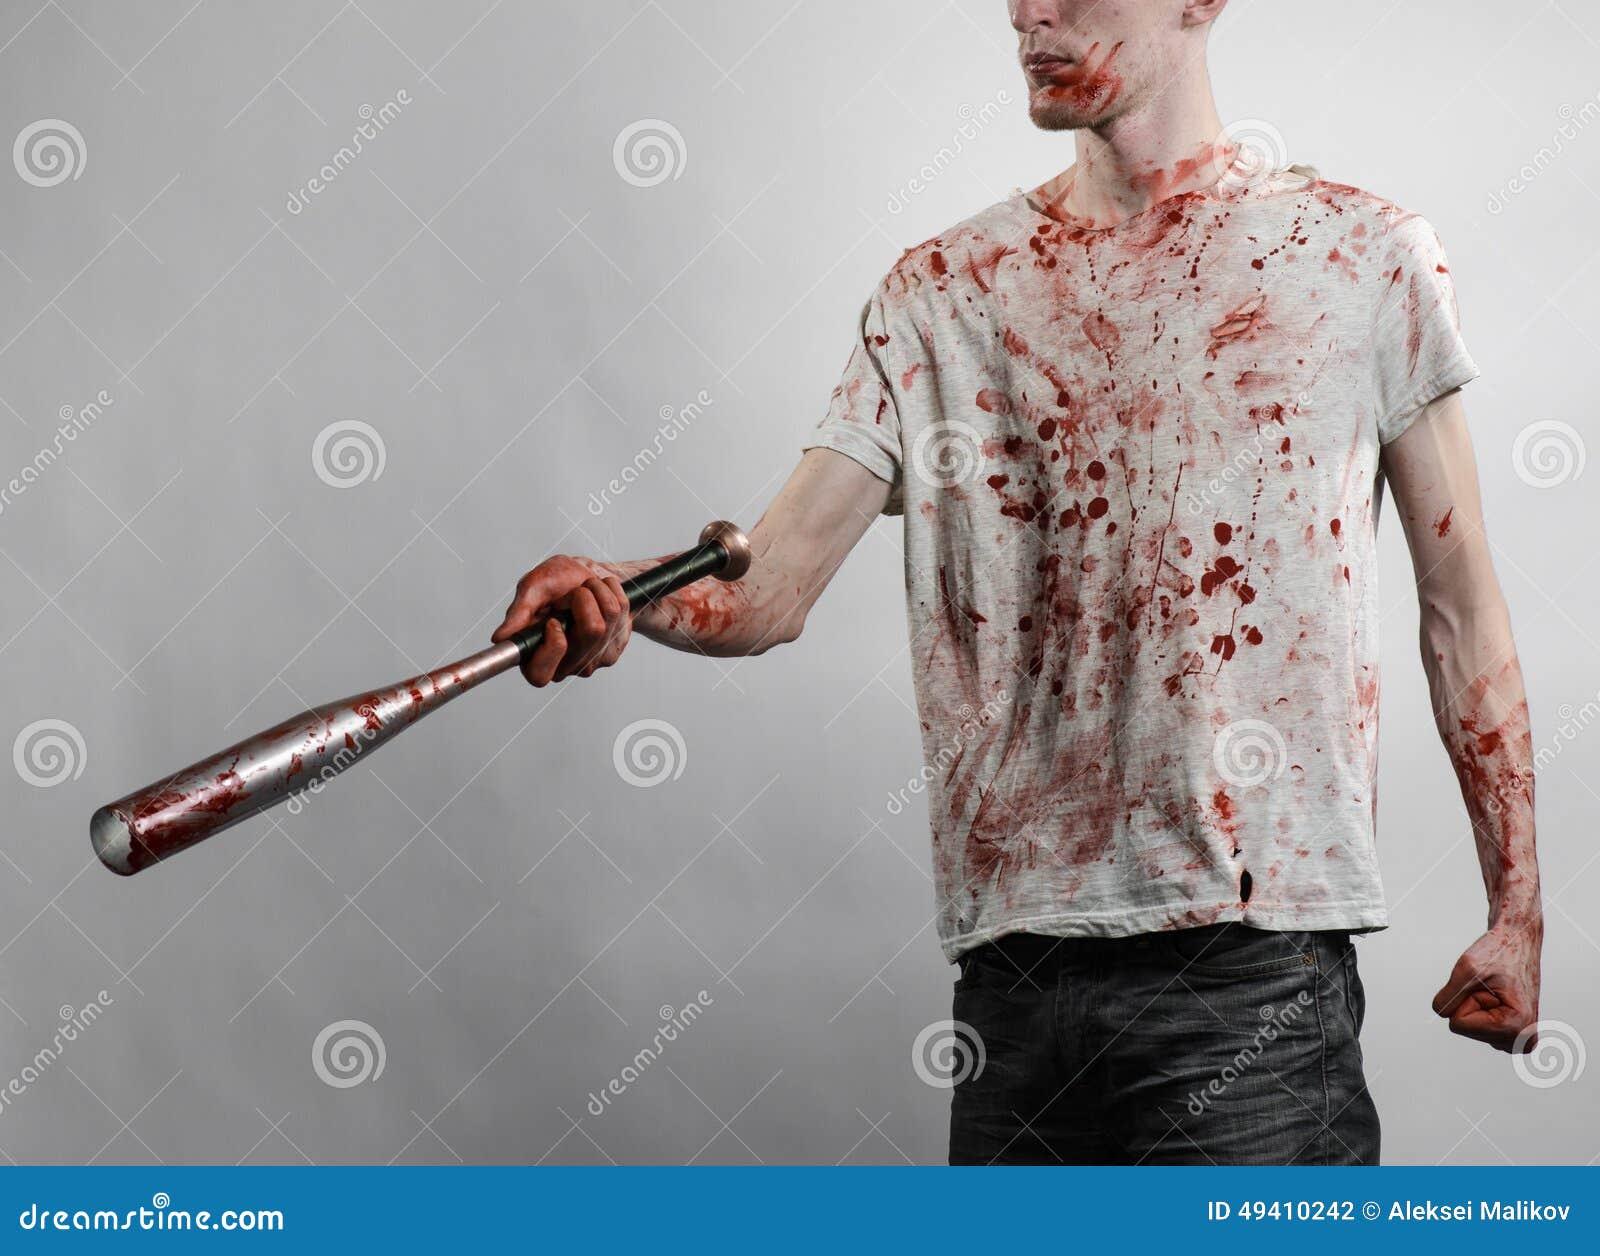 Download Blutiges Thema: Der Kerl In Einem Blutigen T-Shirt, Das Einen Blutigen Schläger Auf Einem Weißen Hintergrund Hält Stockfoto - Bild von kopf, kaukasisch: 49410242